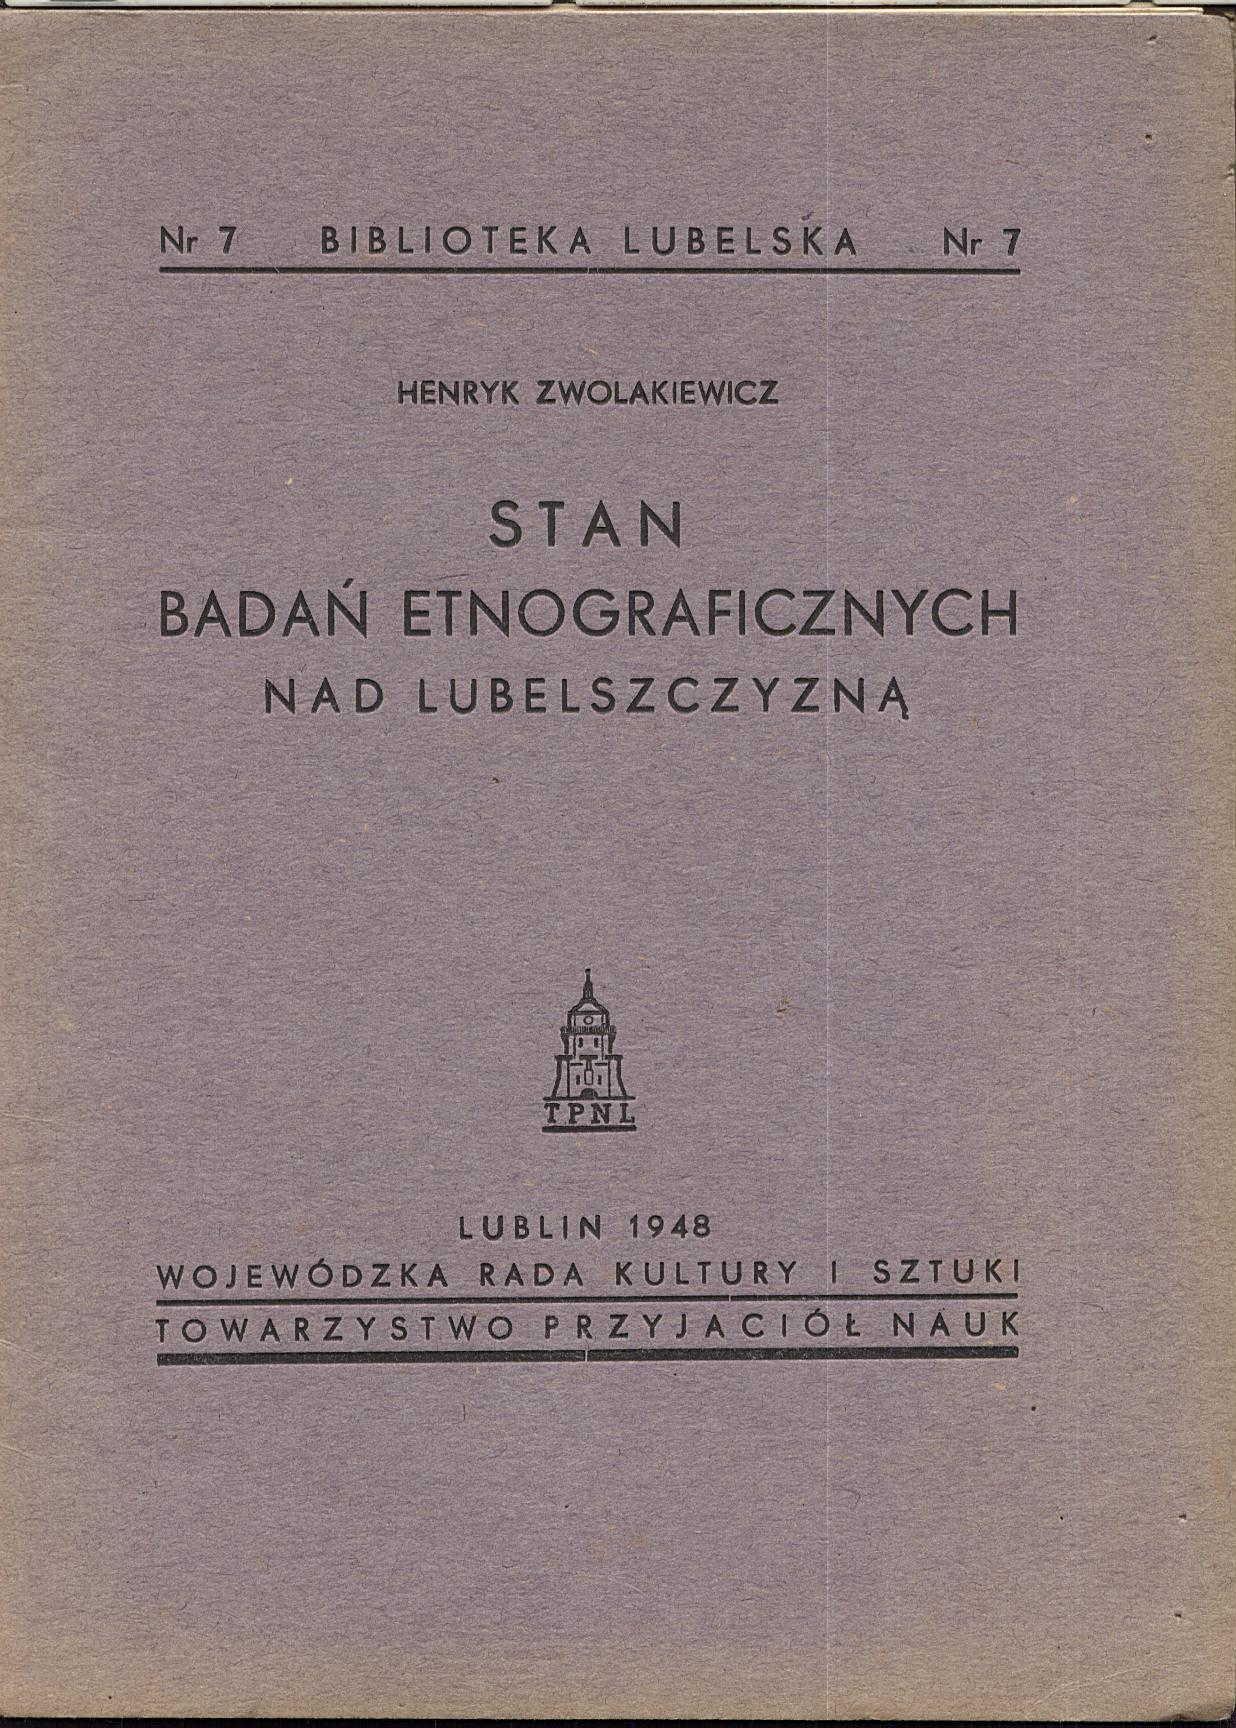 Stan badań etnograficznych - Zwolakiewicz 1948 r.